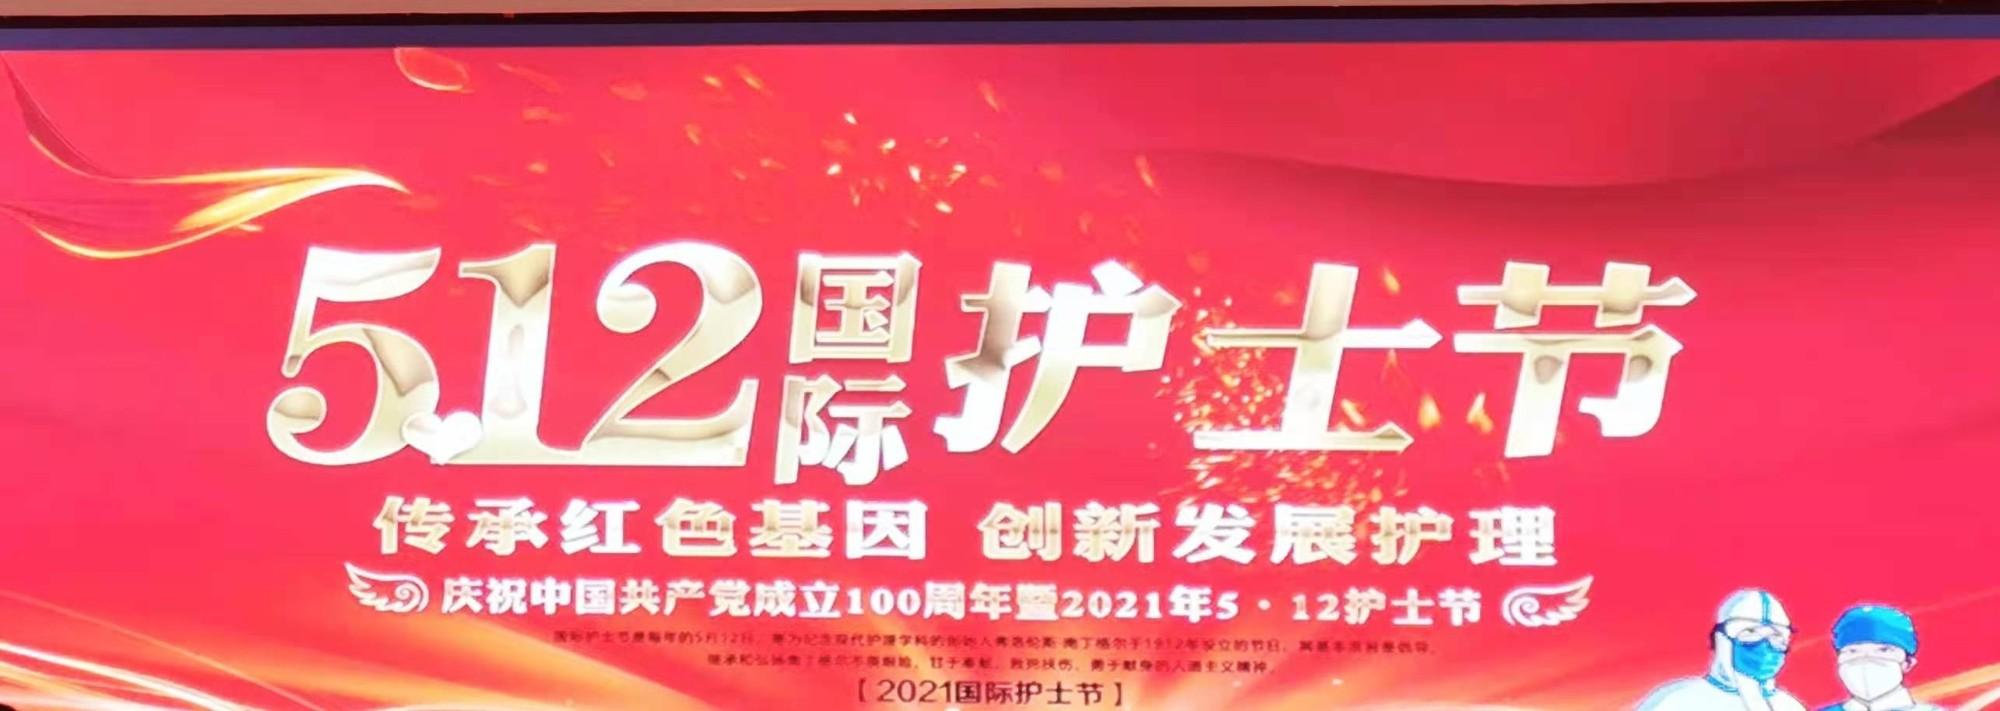 """祝福广大护理人""""512国际护士节""""快乐!"""